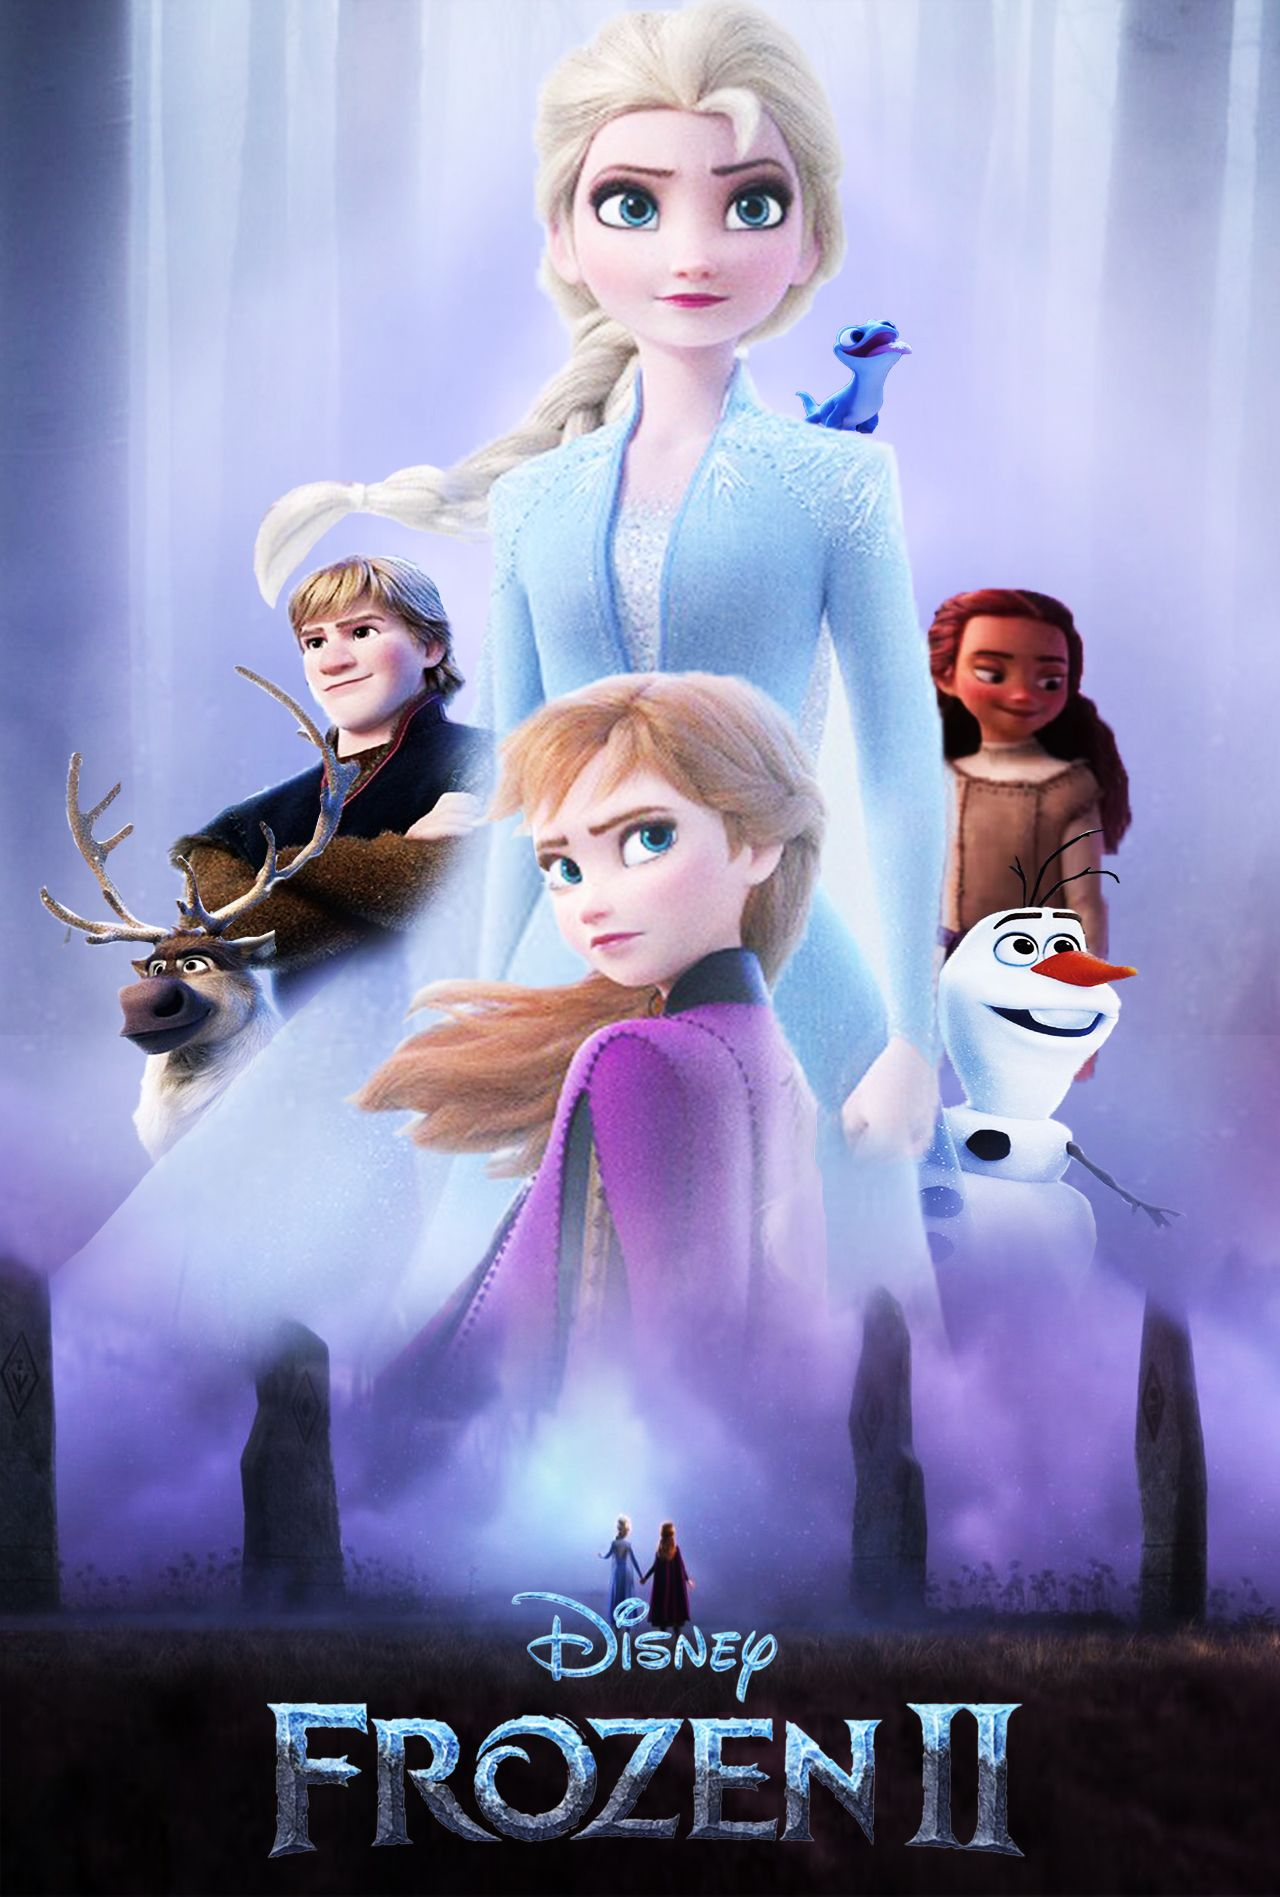 ^Watch! Frozen II ONLINE FULL (2019) MOVIE HD Free EngSub